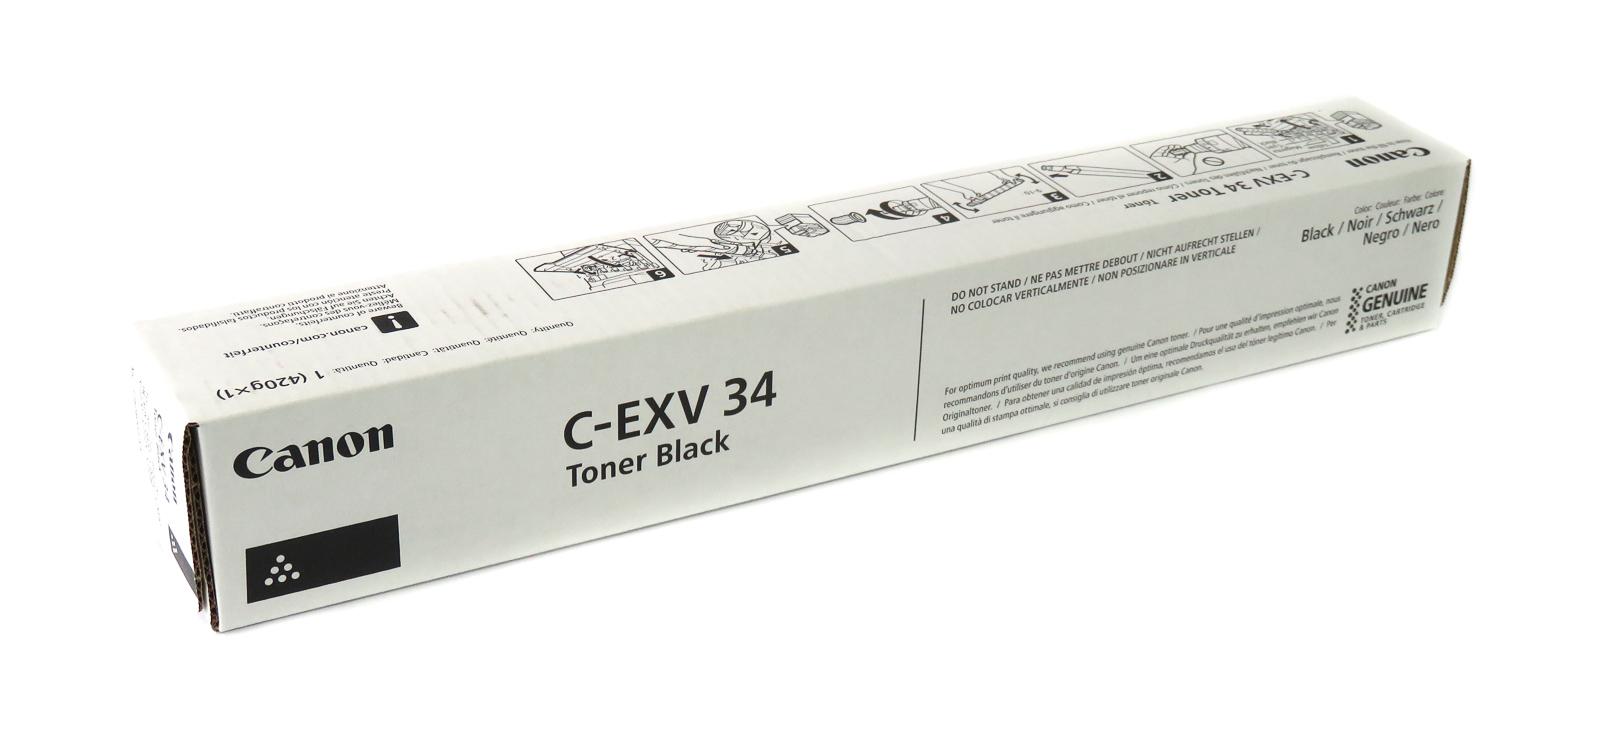 New Canon C-EXV 34 Black Toner Cartridge f/ C2020(5) / C2030 / C2220(5) / C2230